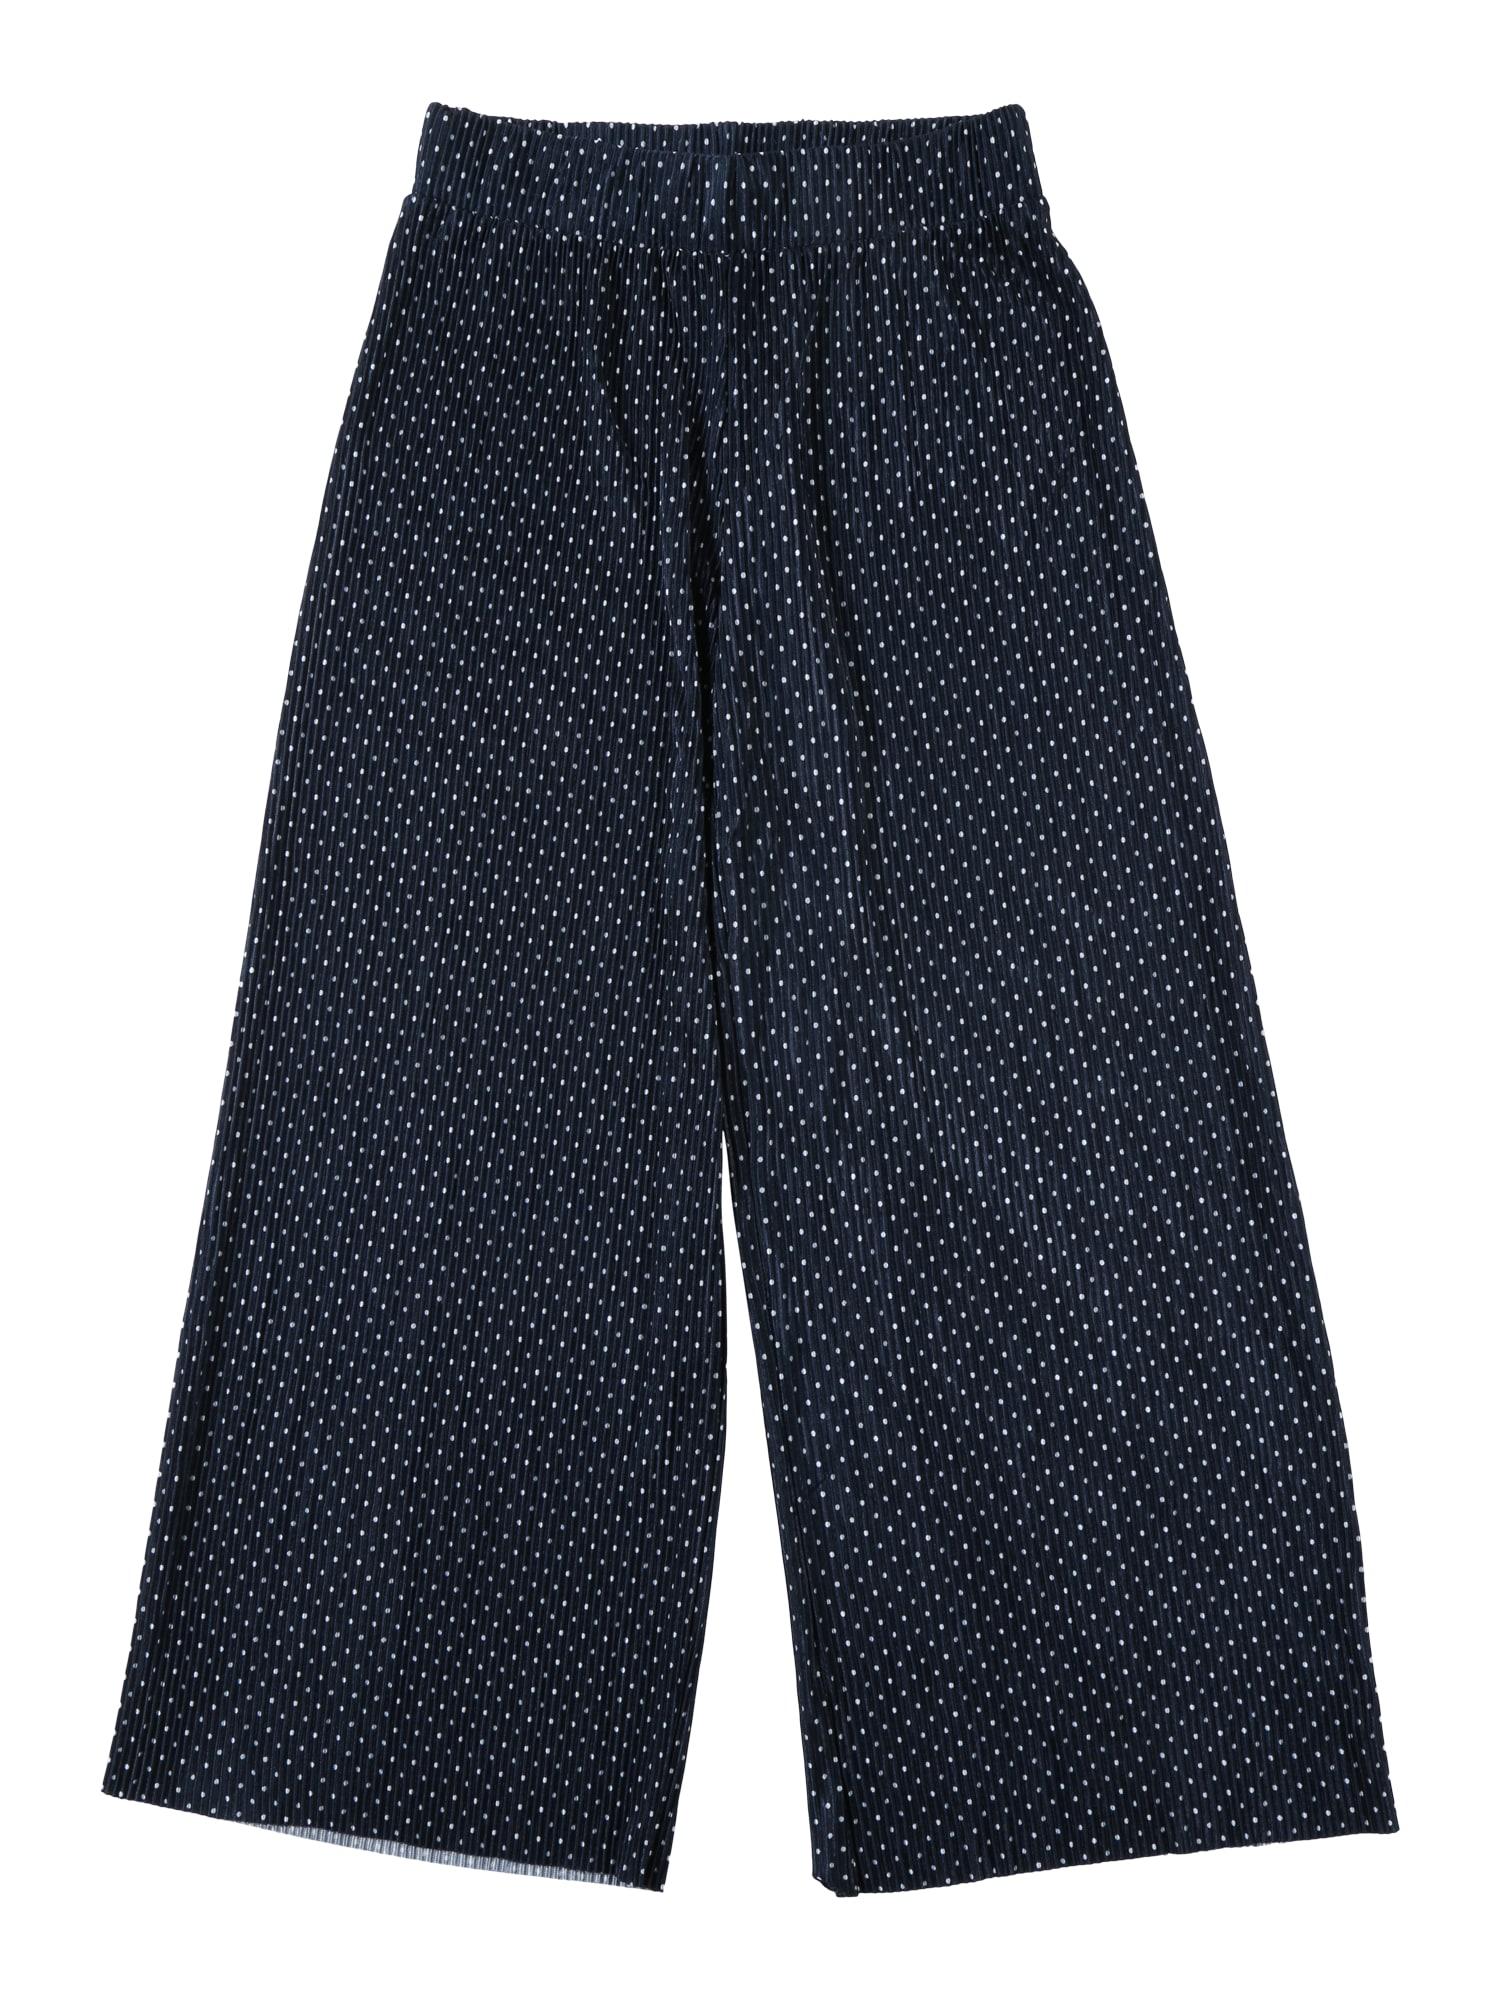 Kalhoty NKFDAMETTE PANTS námořnická modř NAME IT